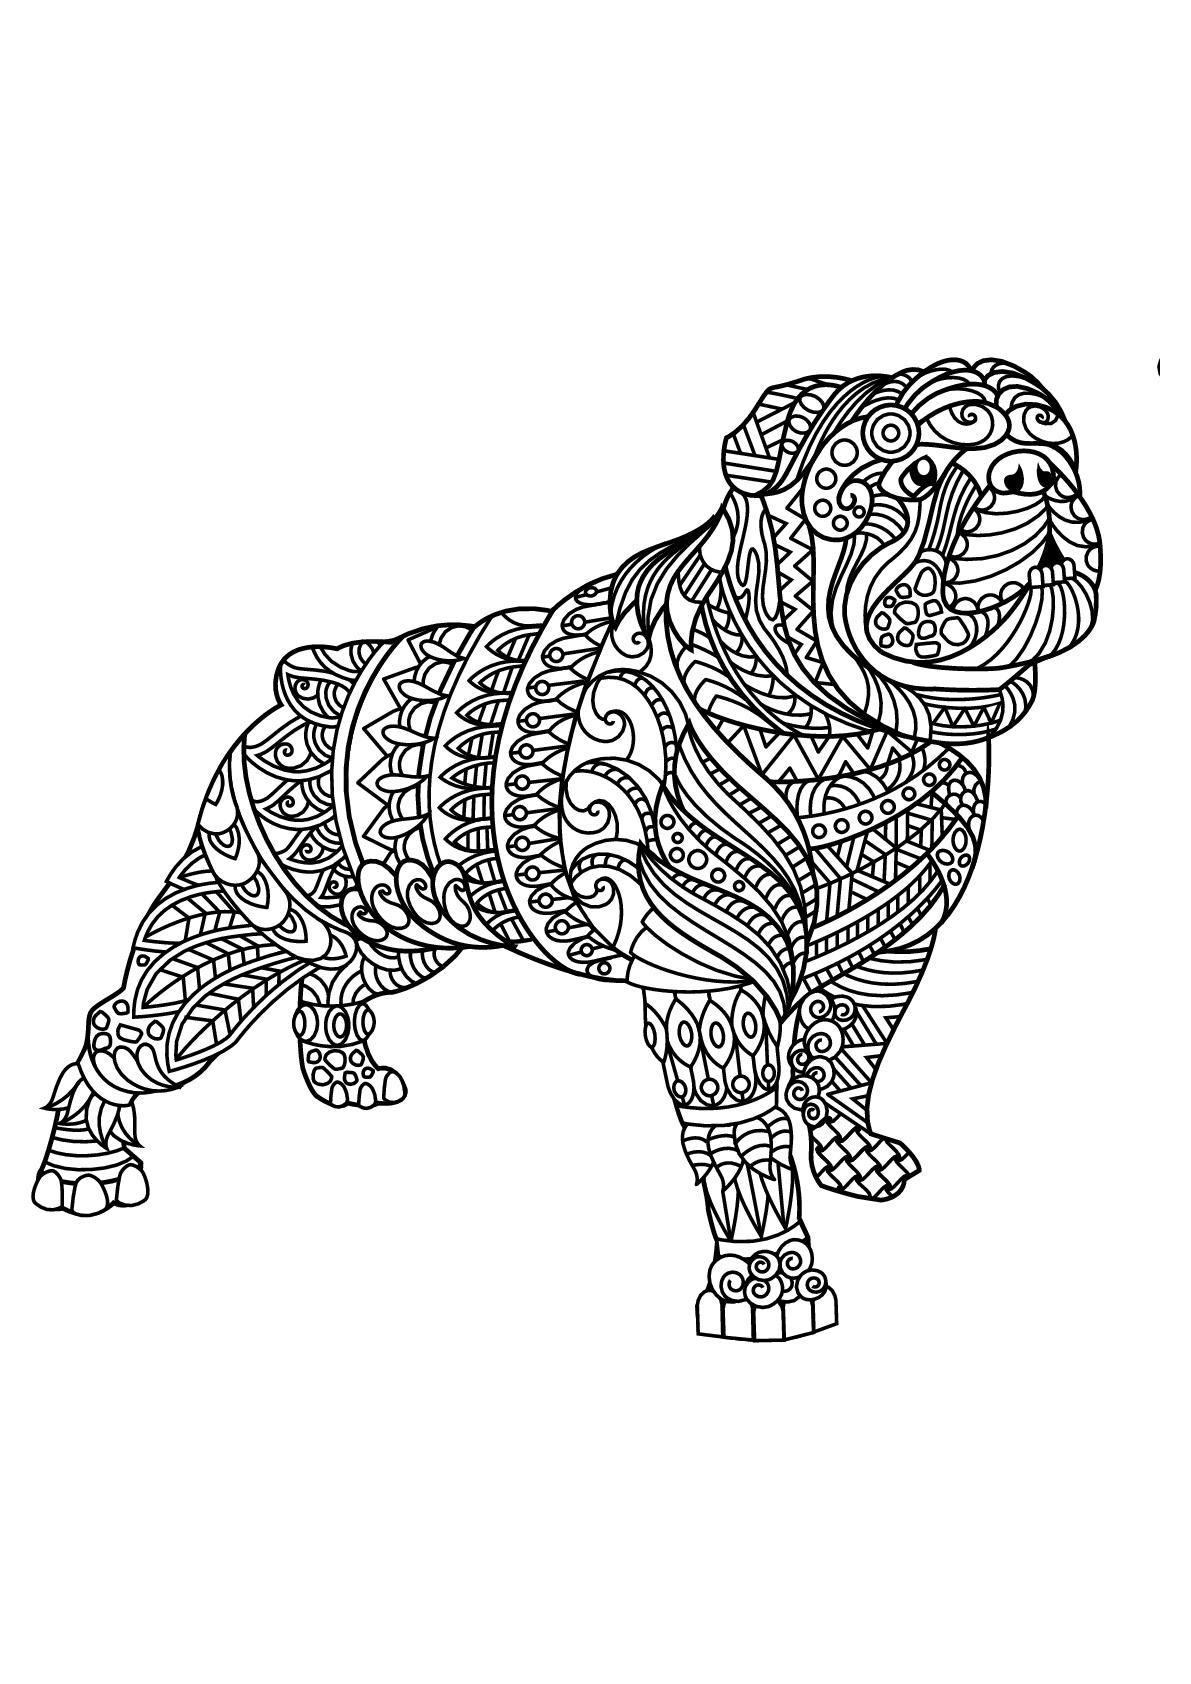 Bulldog, avec motifs harmonieux et complexes